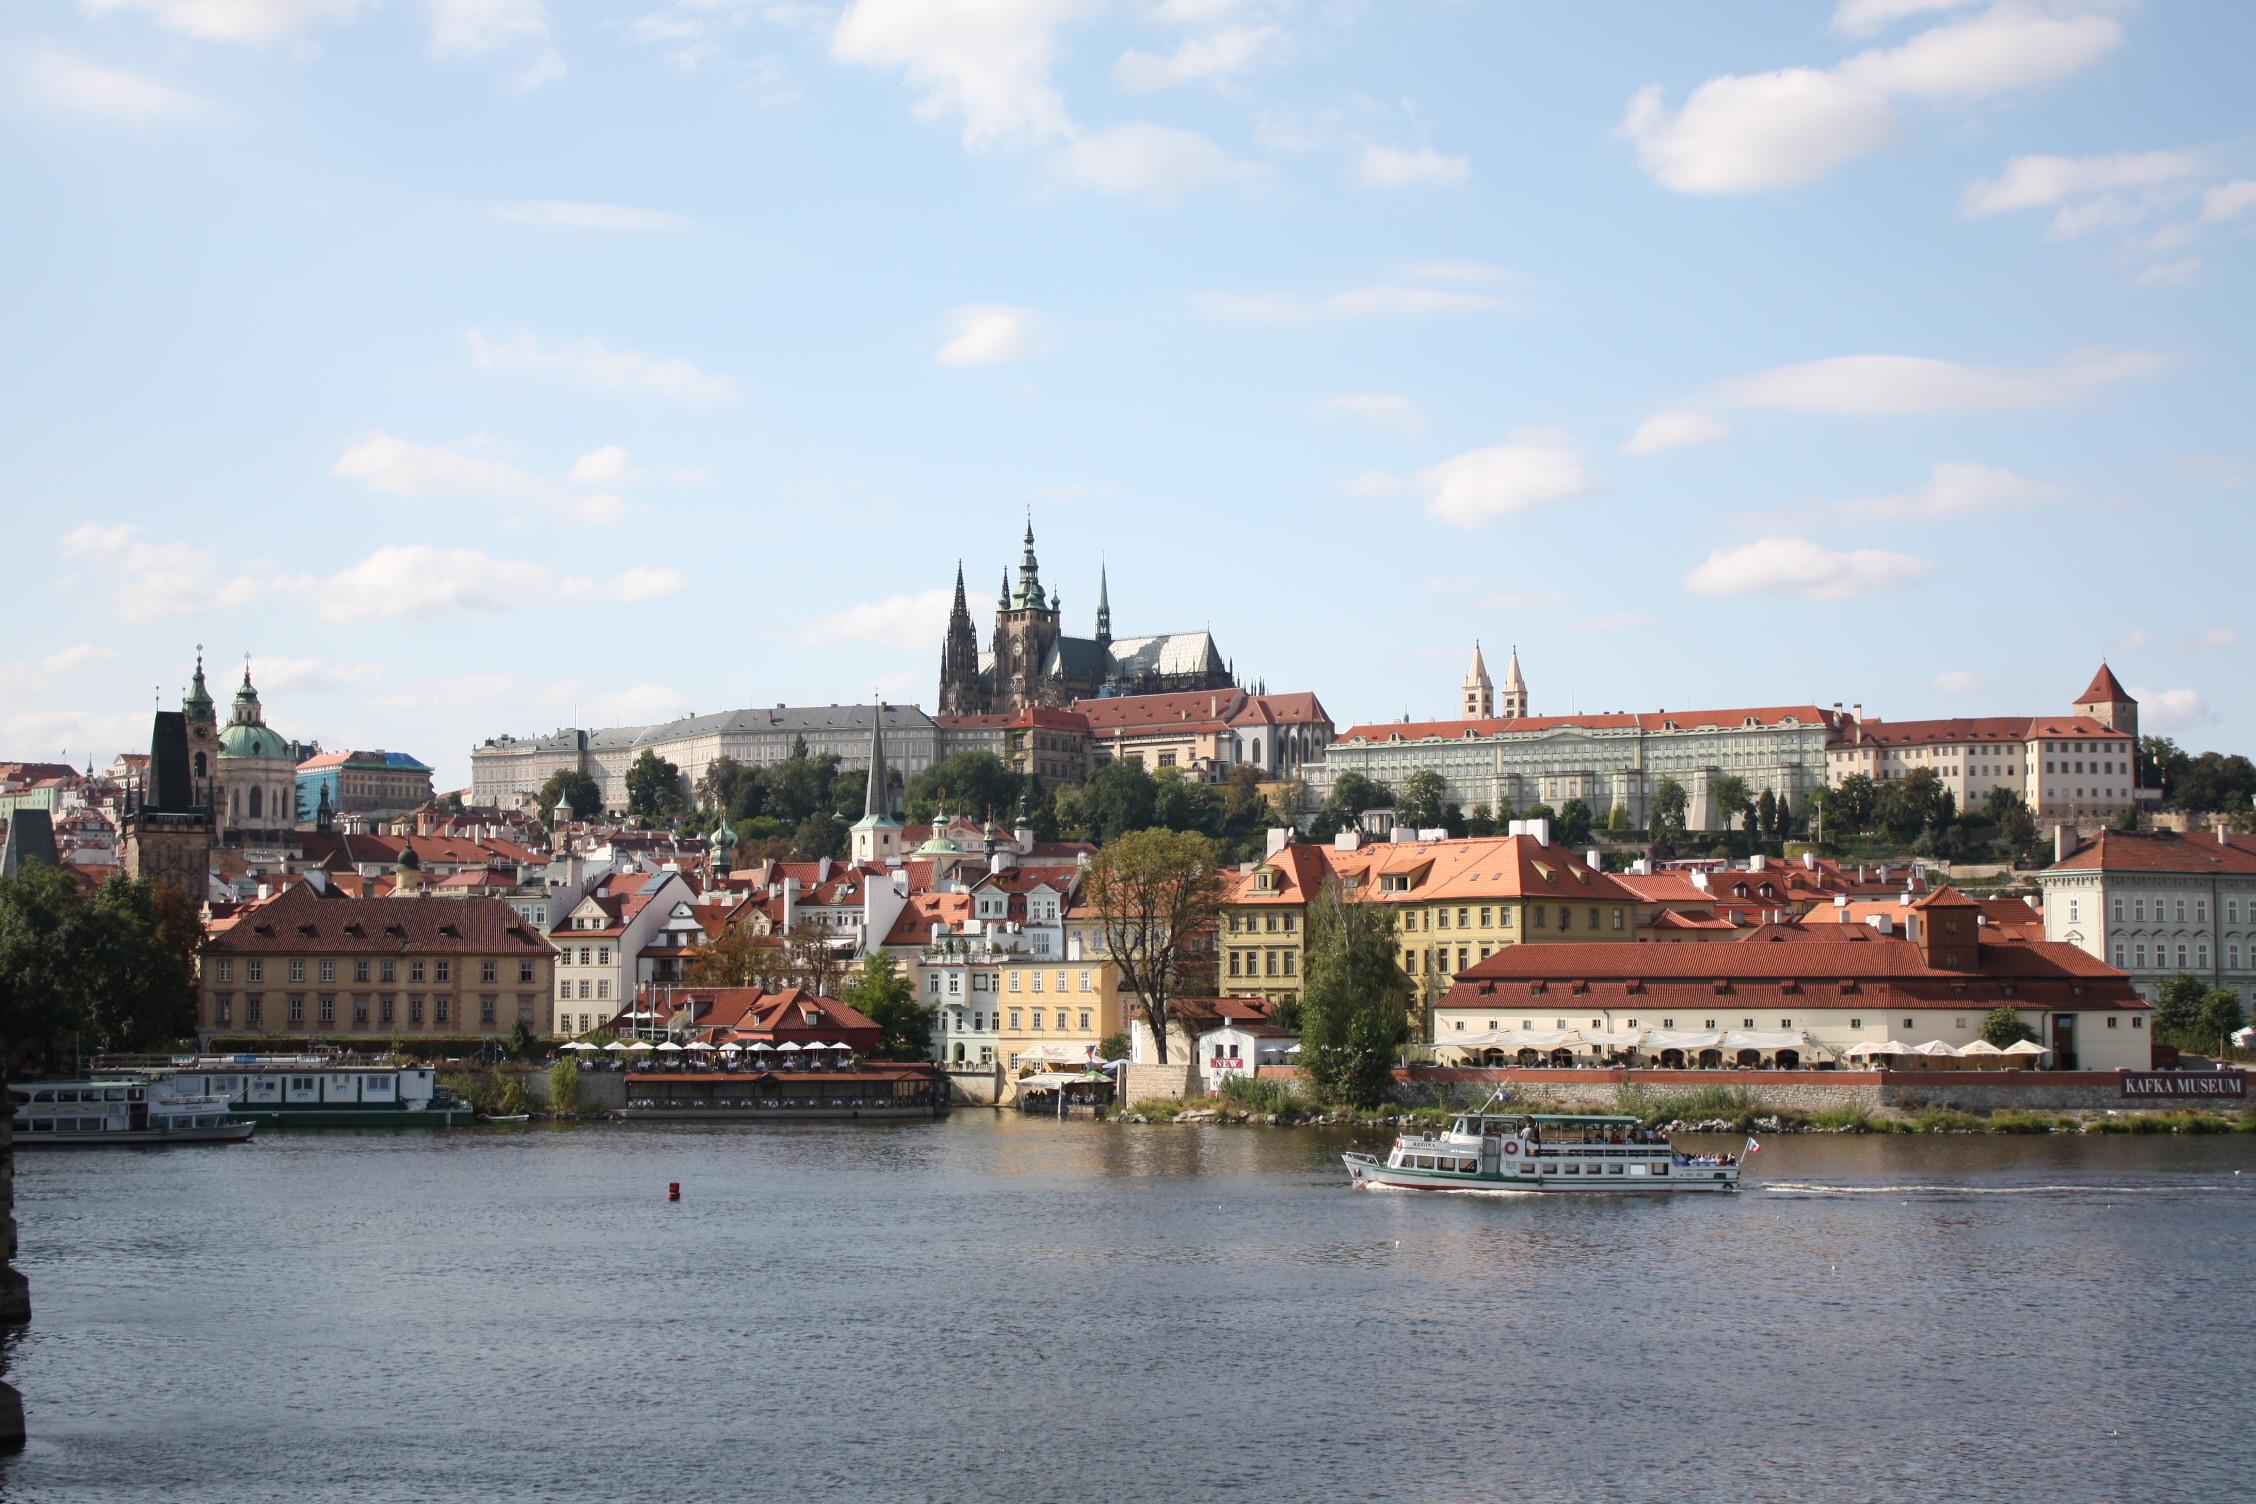 Historička Kateřina Bečková a historik architektury Rostislav Švácha v rezignačním dopise uvádějí, že nechtějí sloužit jako alibi pro záměry, které nepokládají za prospěšné pro rozvoj Prahy.